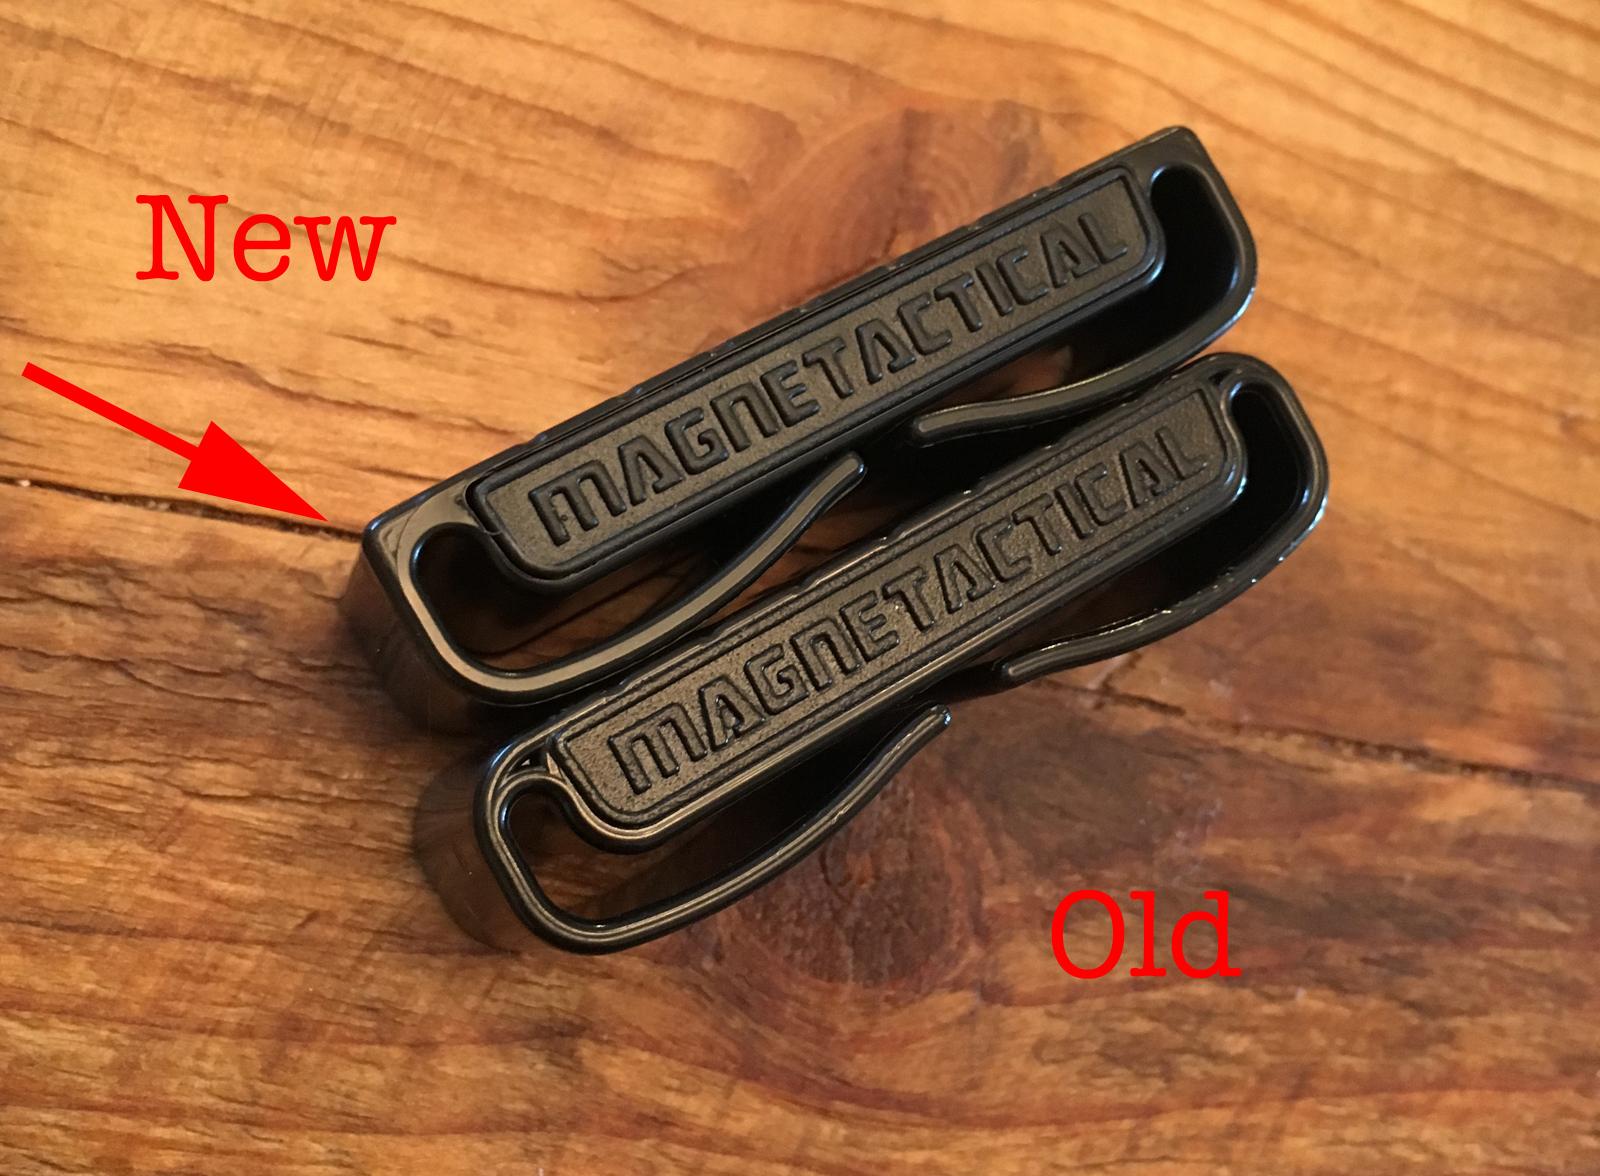 New Magnetactical belt clip